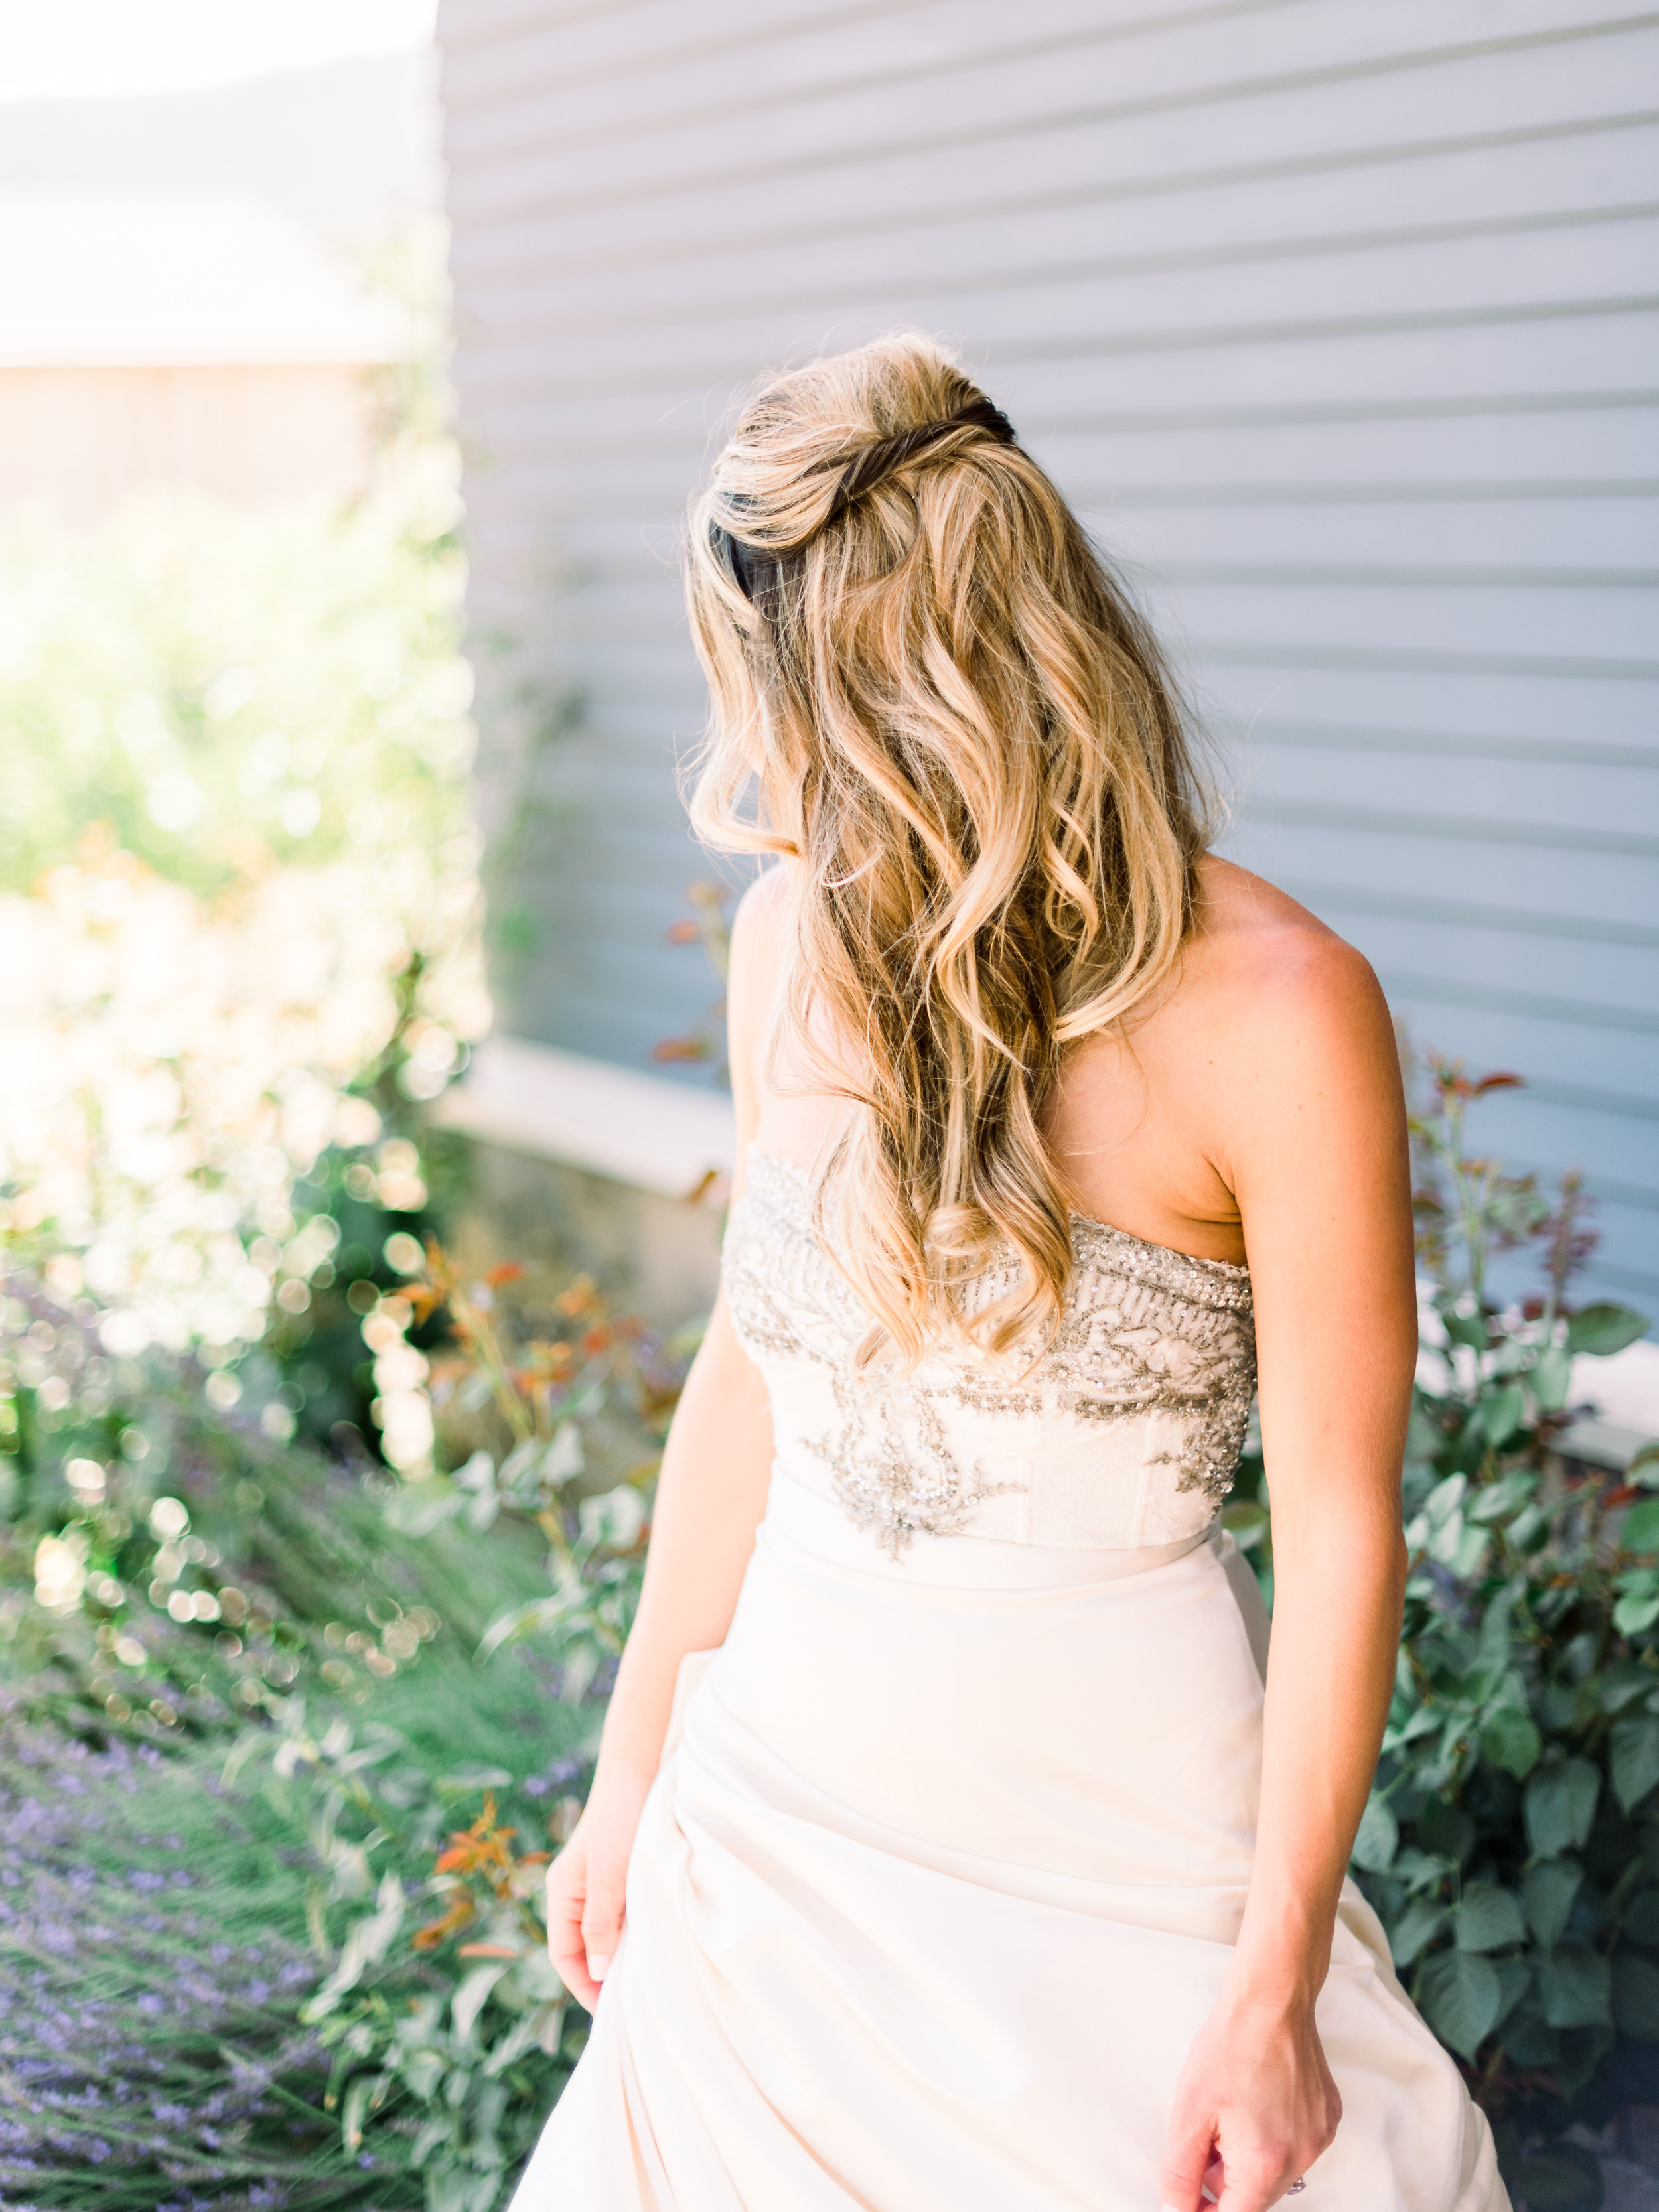 bride-standing-in-the-garden.jpg